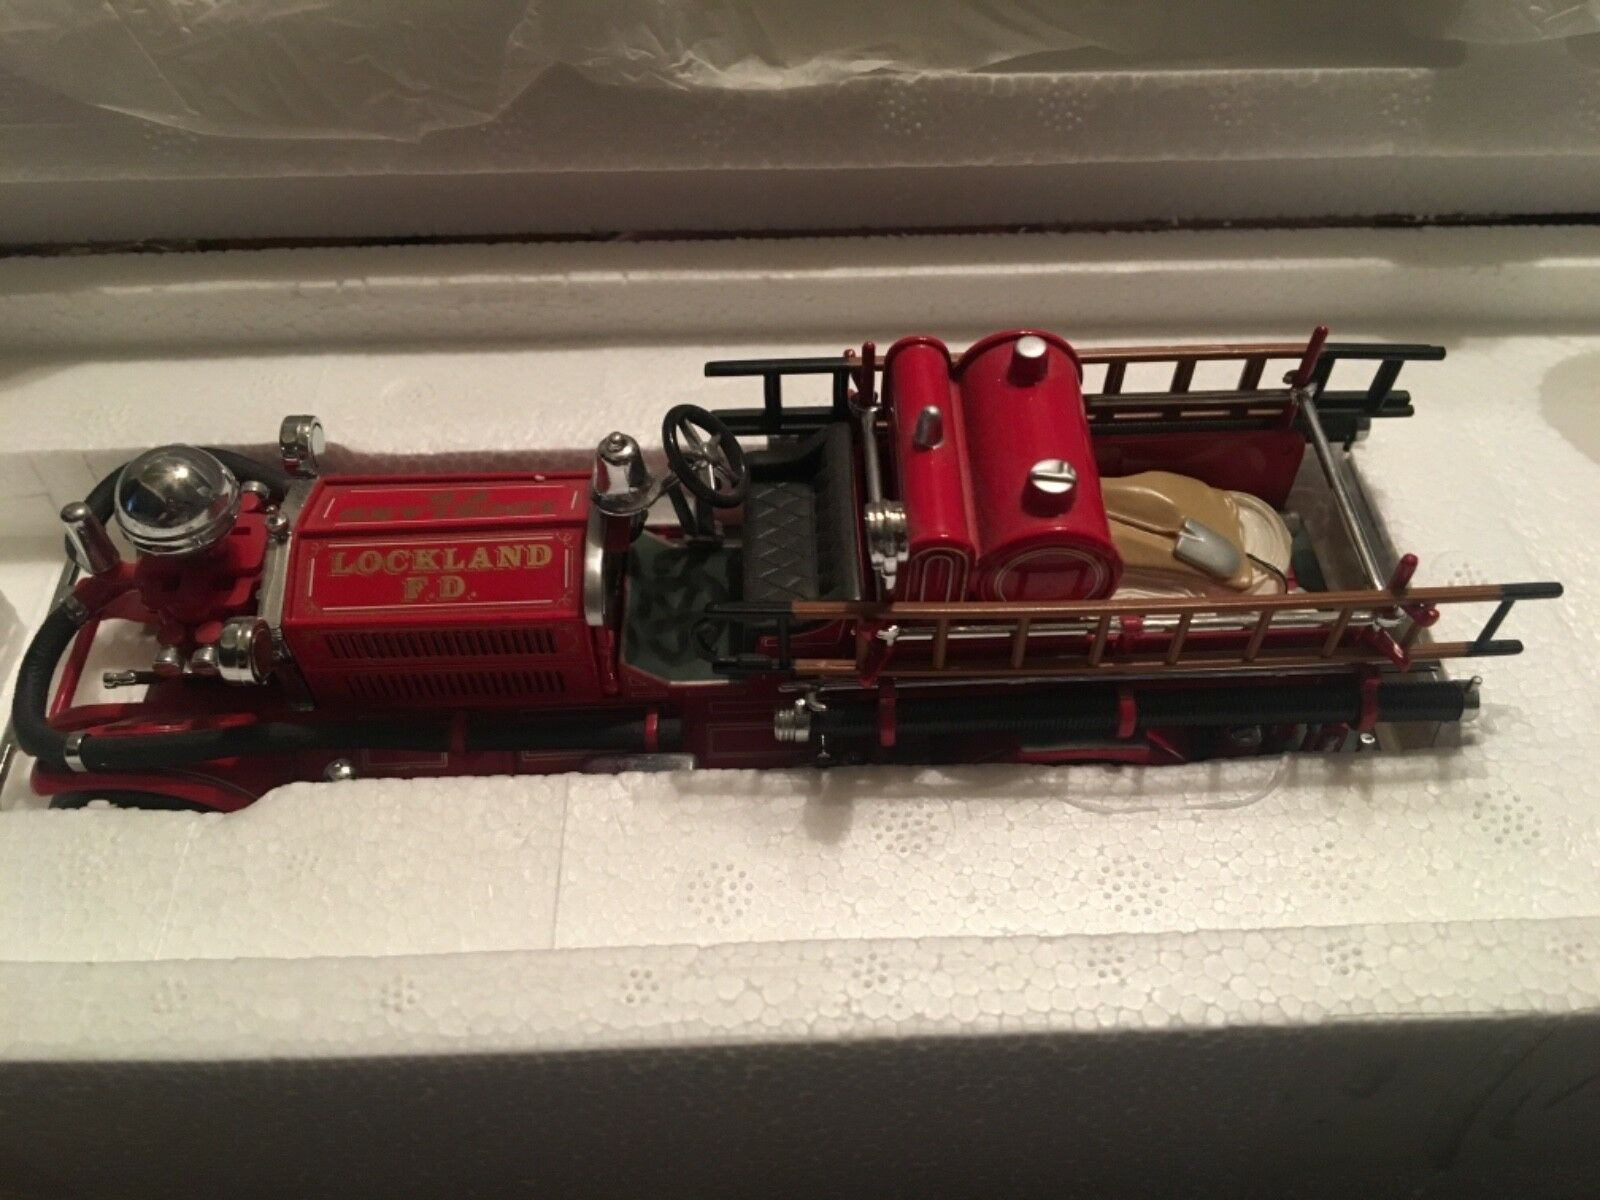 artículos novedosos Matchbox 1927 Ahren's Fox Die Cast bomberos bomberos bomberos escala 1 43 ysfe 04-M  Entrega gratuita y rápida disponible.